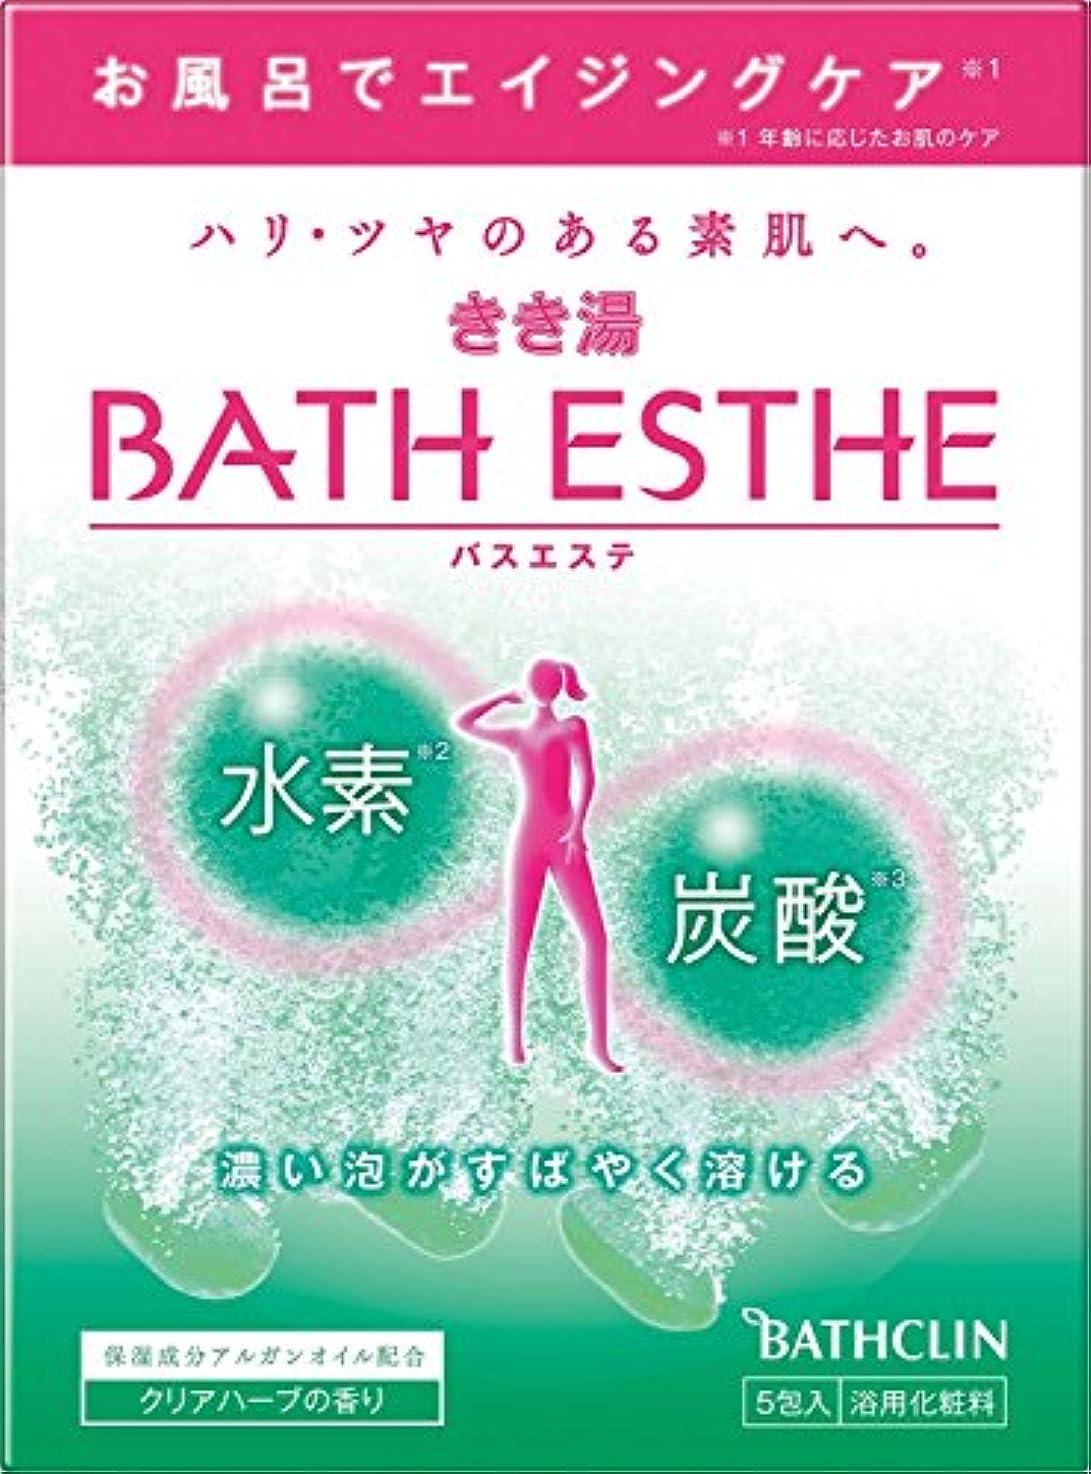 カロリーと闘う備品きき湯バスエステ炭酸水素入浴剤 クリアハーブの香り50g×5包入り 入浴剤 発泡タイプ 個包装